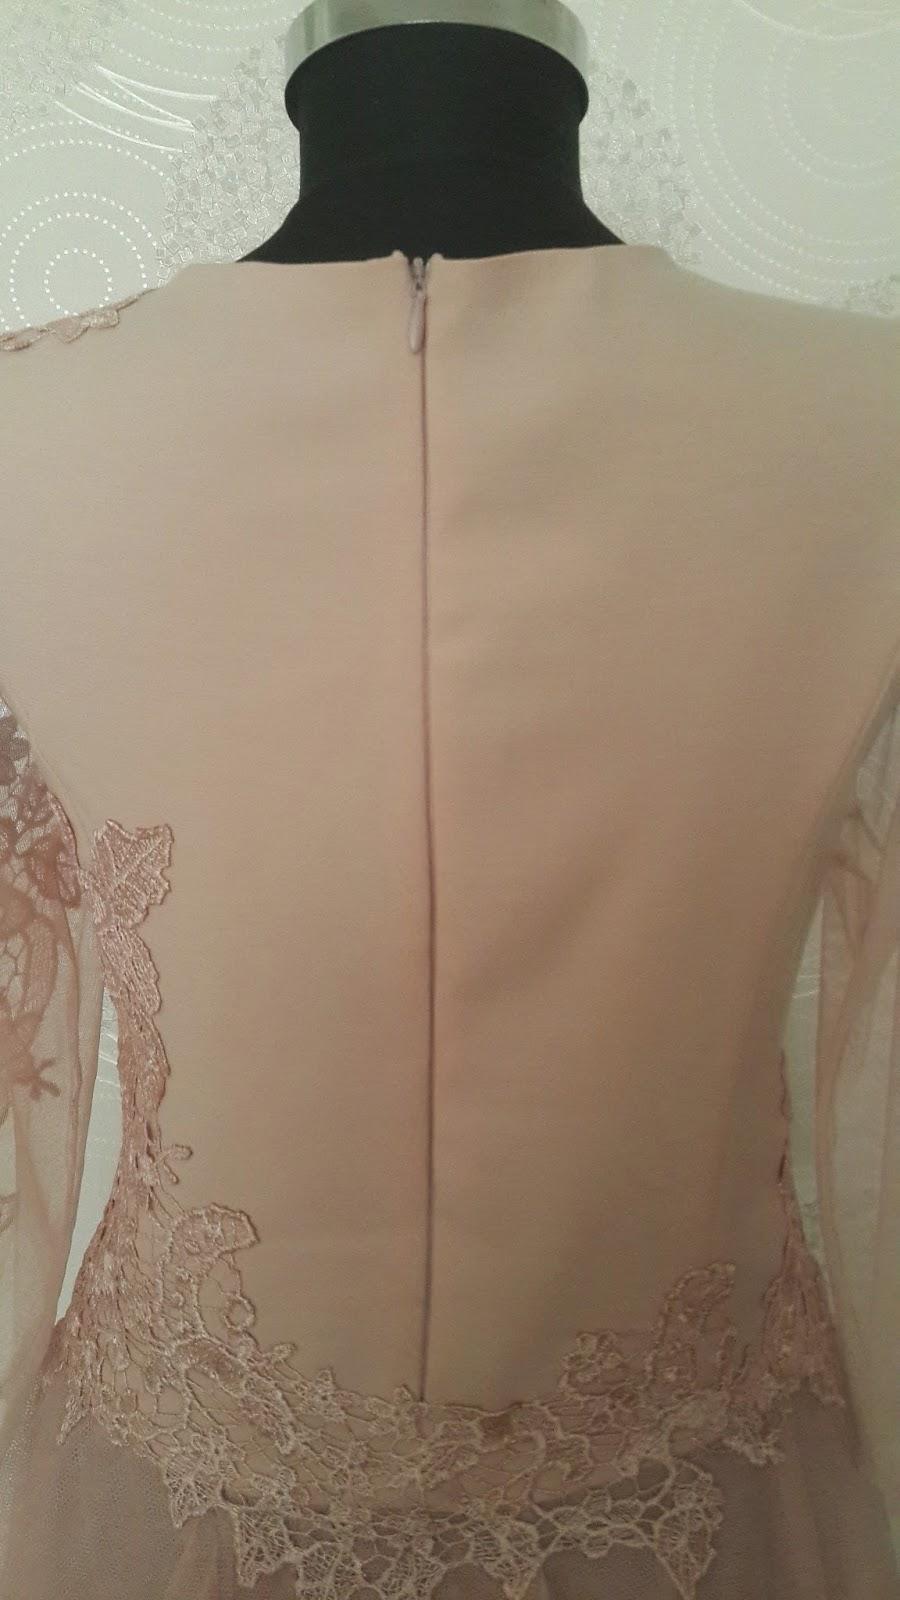 nilgunozenaydin.com-PRENSES ELBİSESİ-PRINCESS DRESS-tütü-tütü dikimi-tütü nasıl dilir?